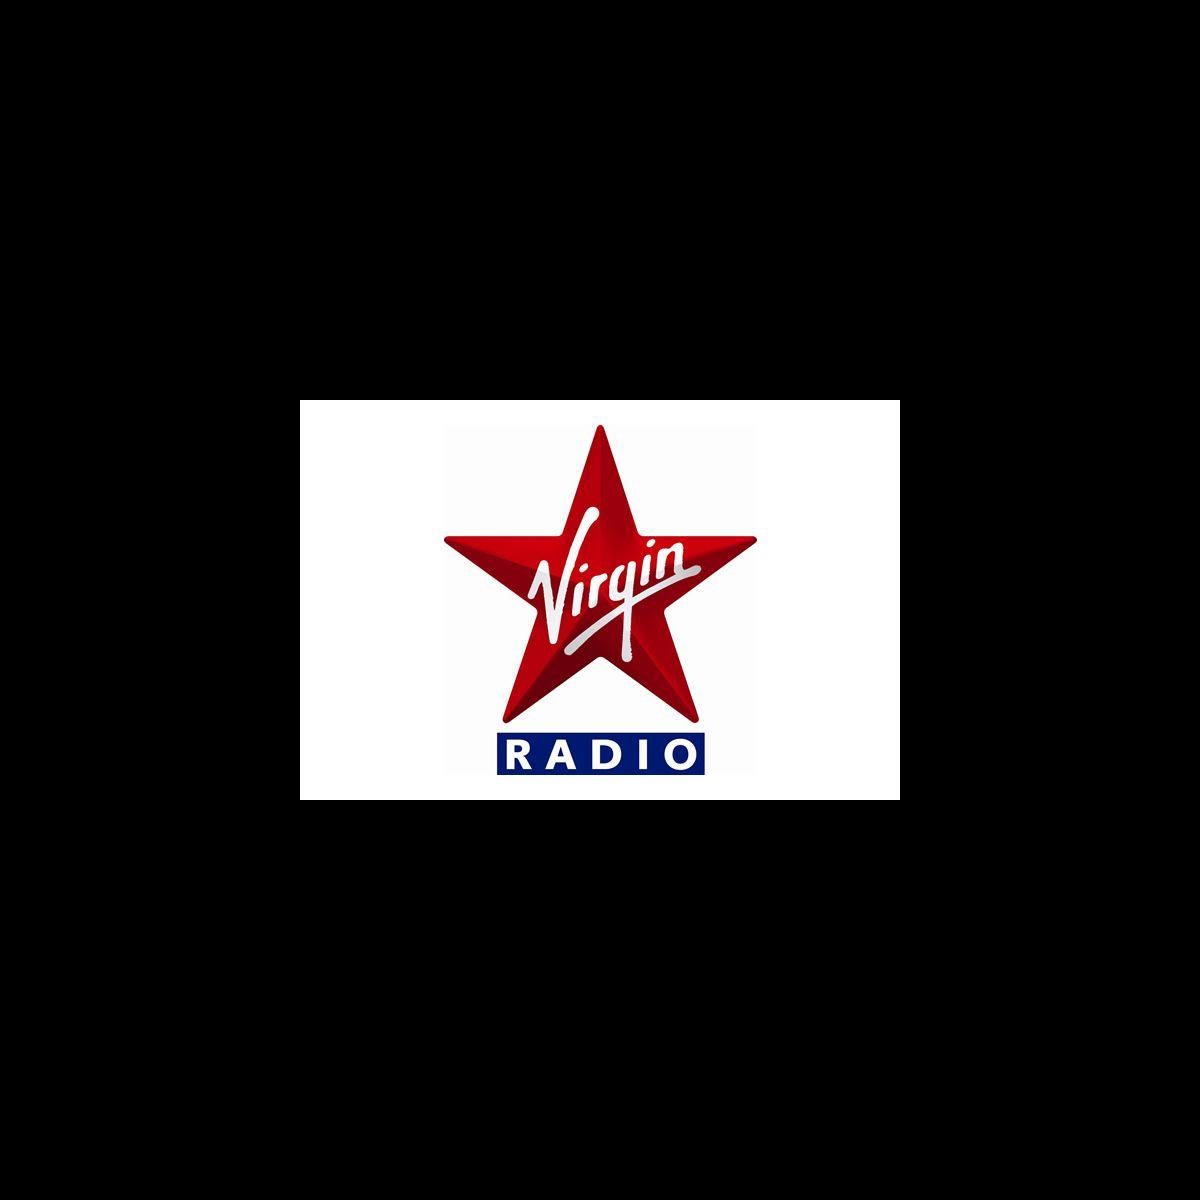 Virgin Radio Karnavalcom